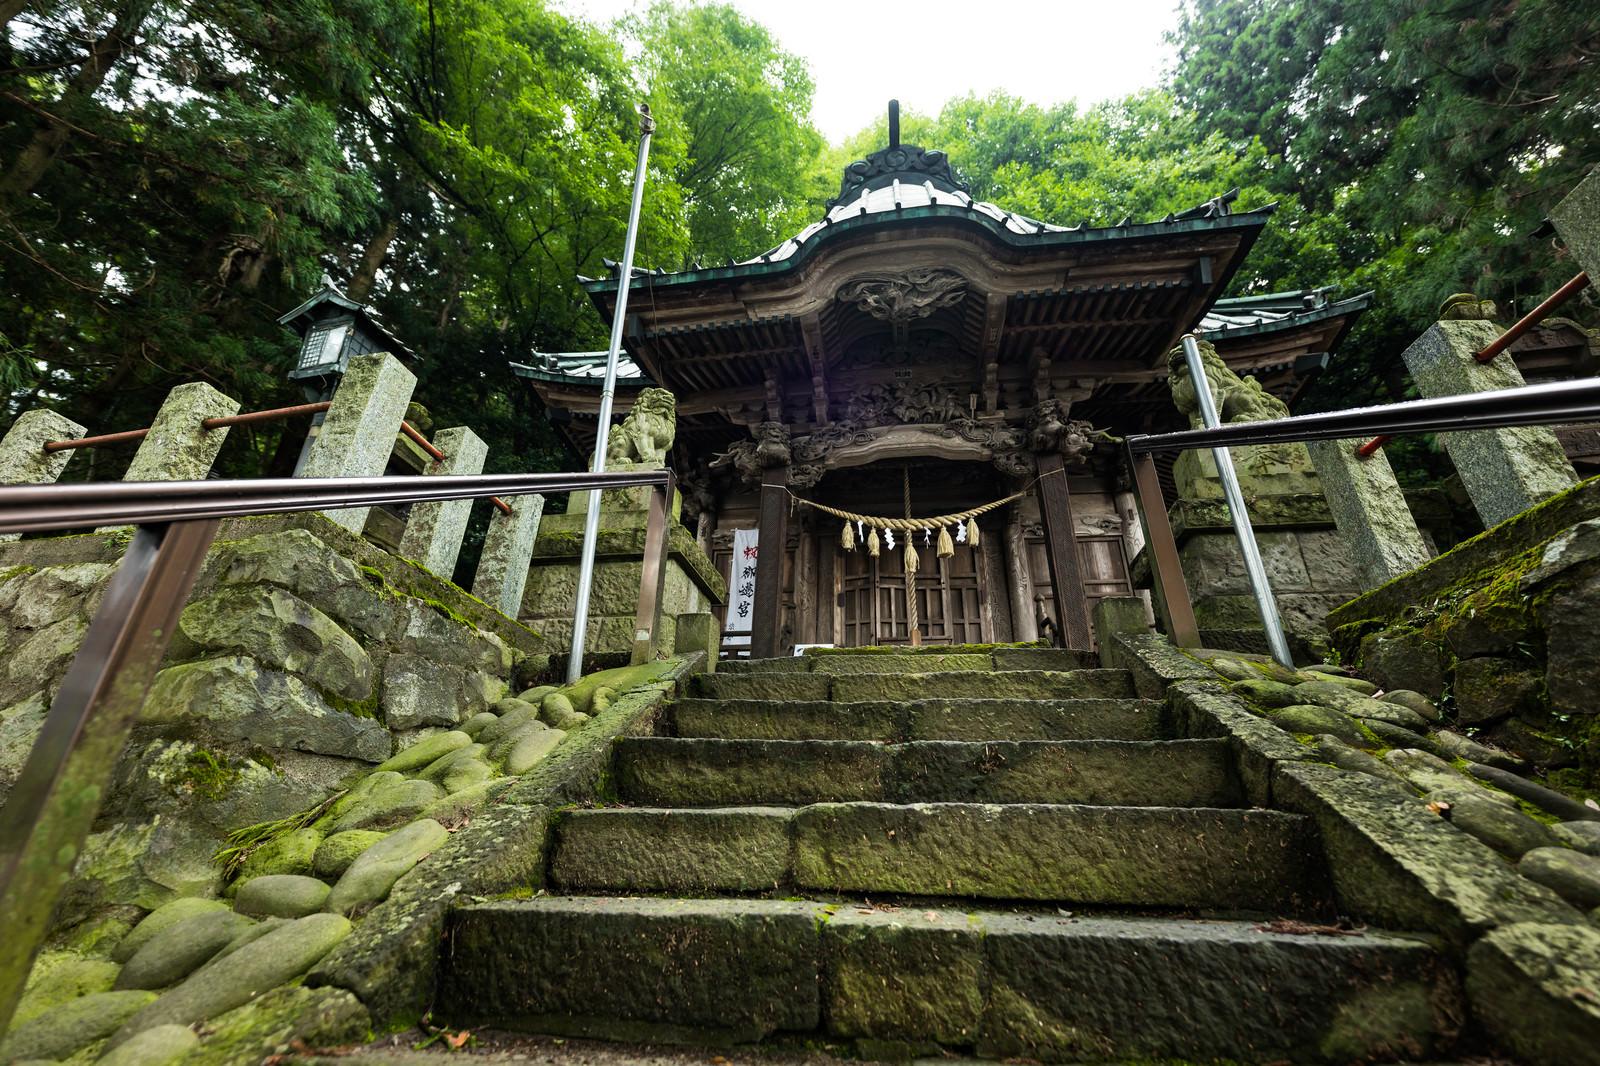 「群馬県の長野原町にある王城山にある「王城山神社」」の写真